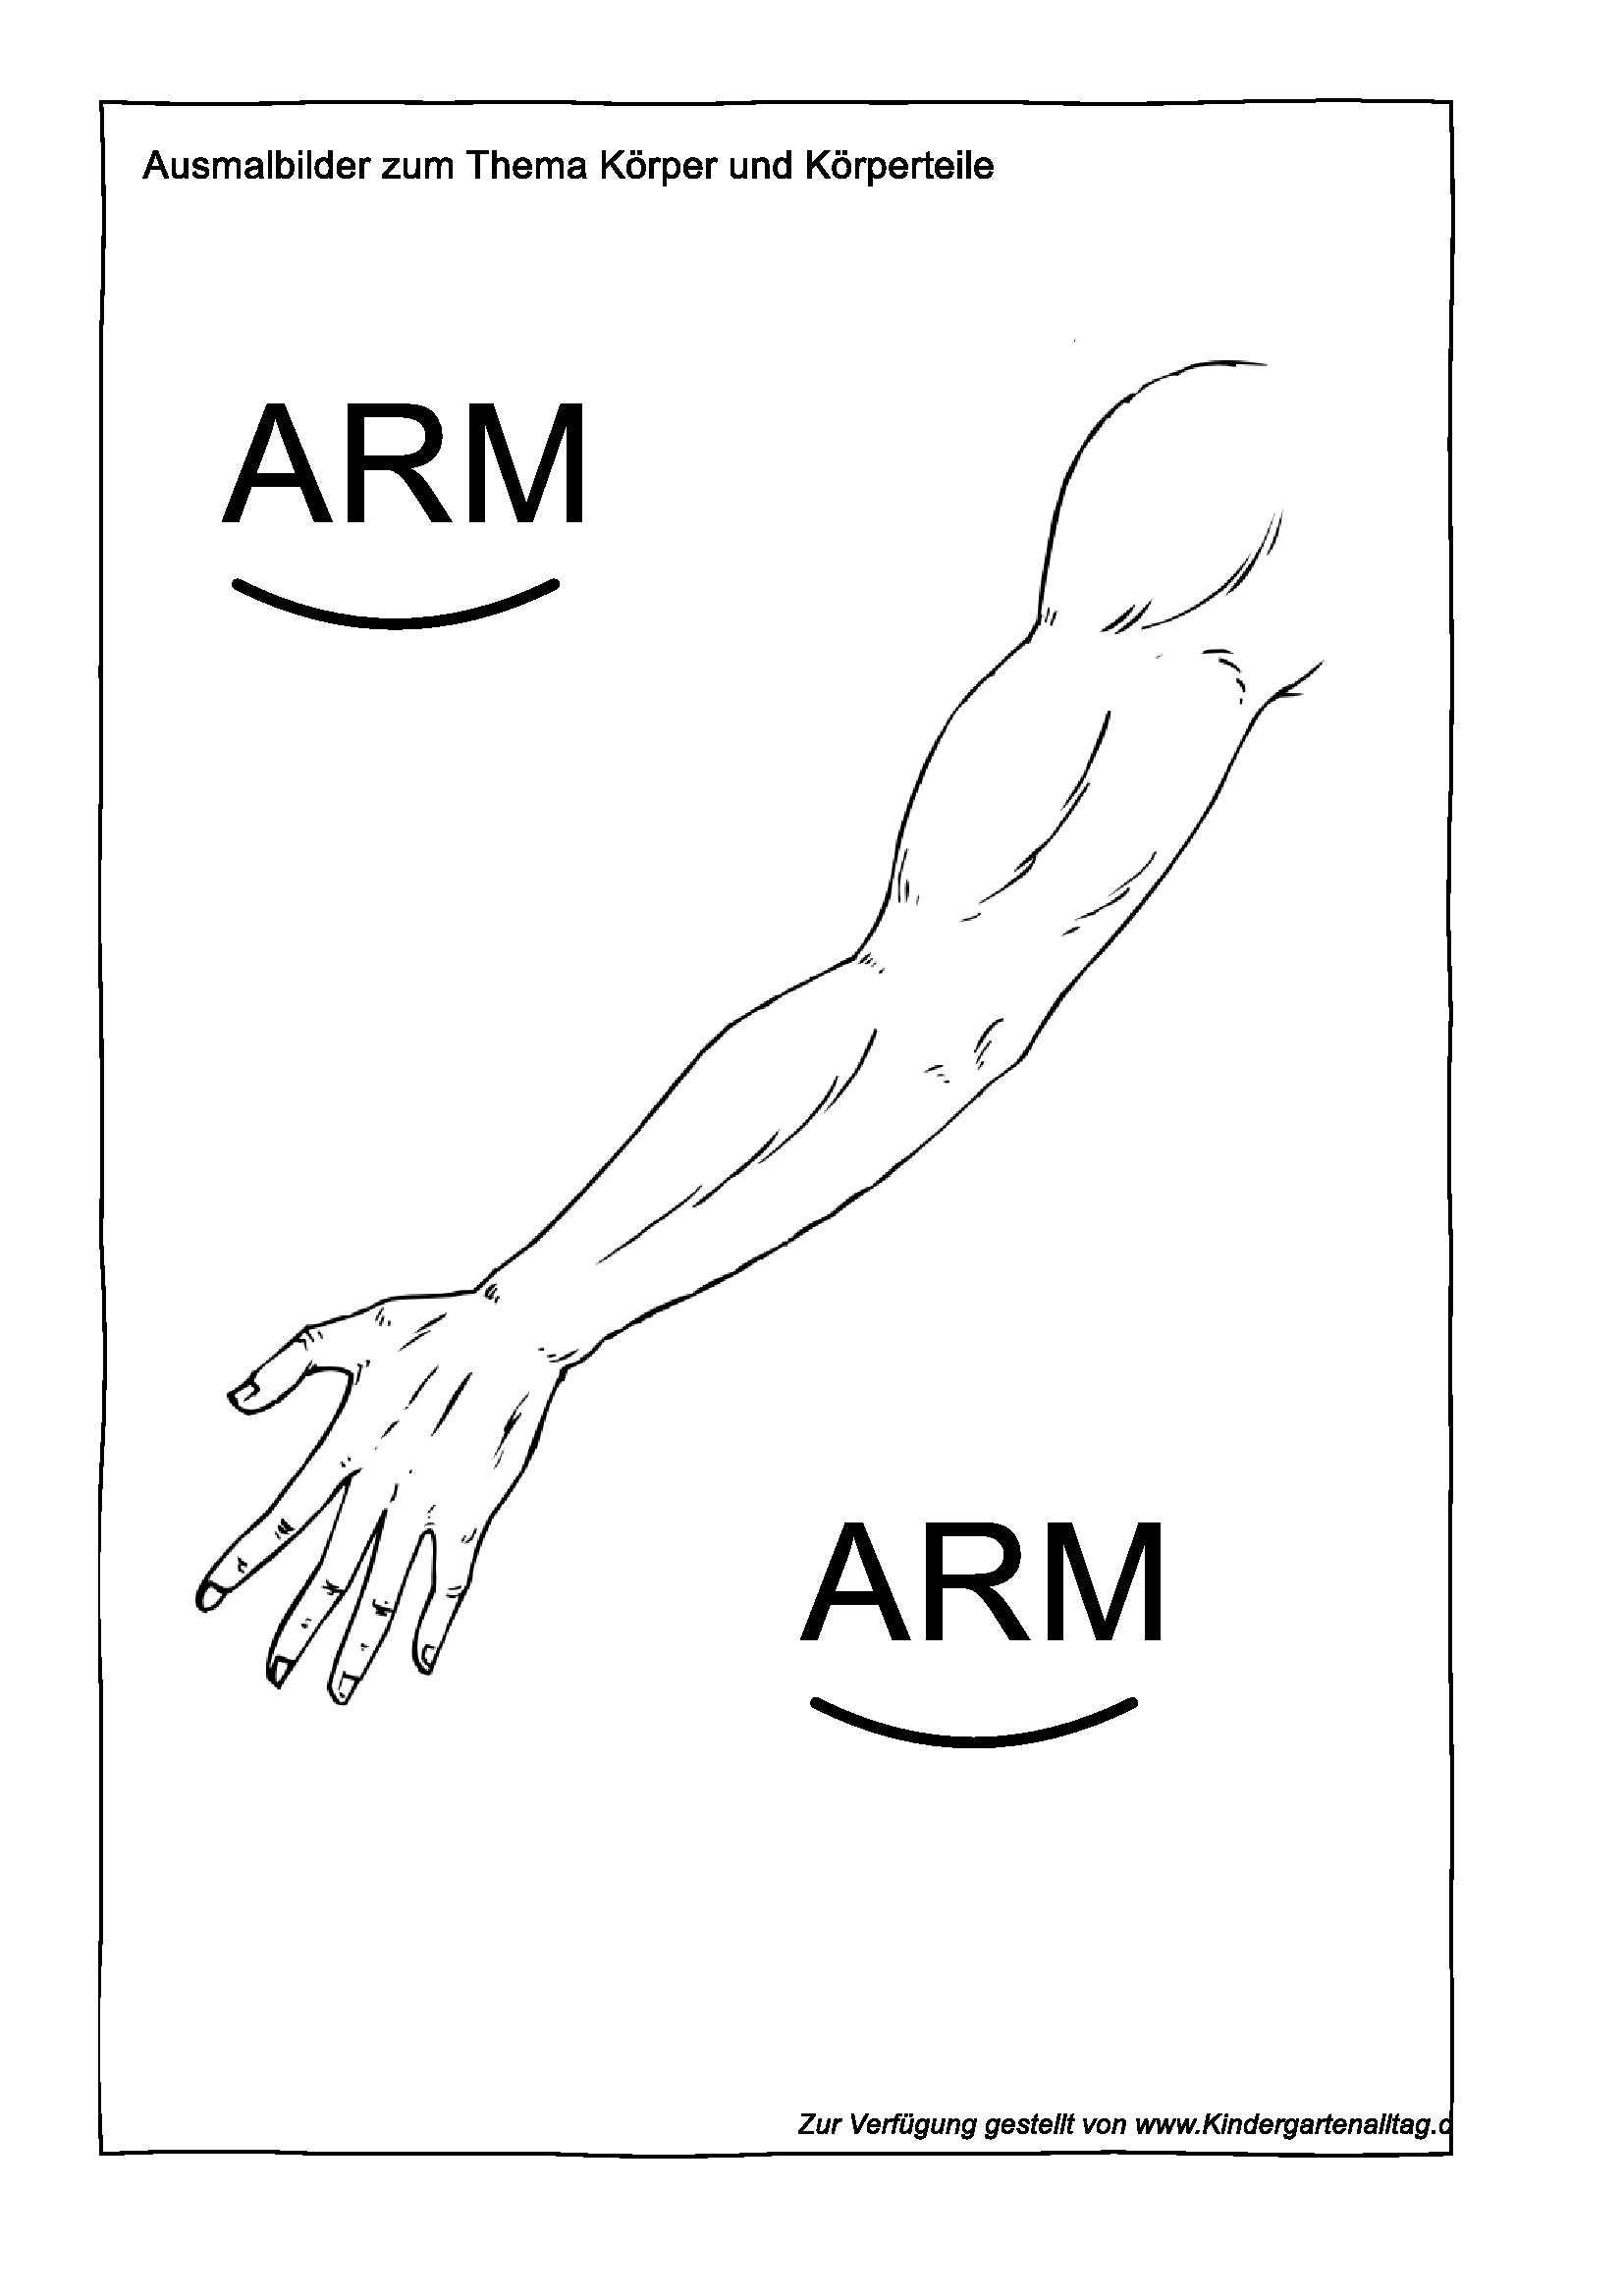 Ausmalbilder zum Thema Körper und Körperteile ...